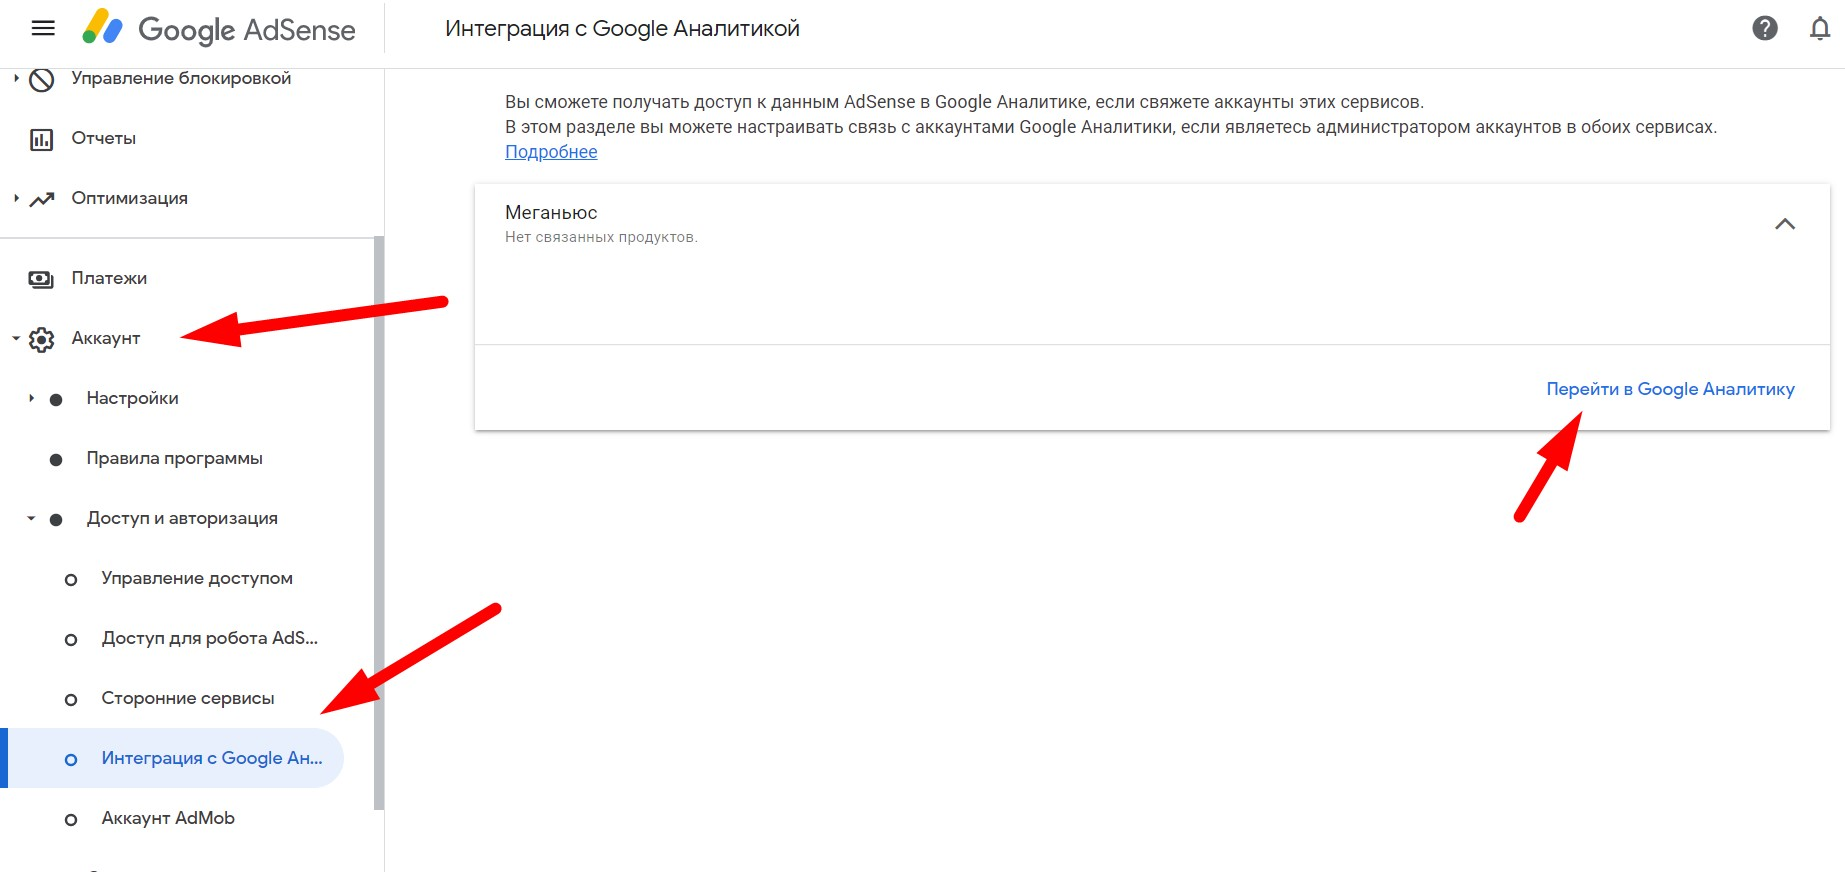 kak-v-google-adsense-posmotret-dohod-stati